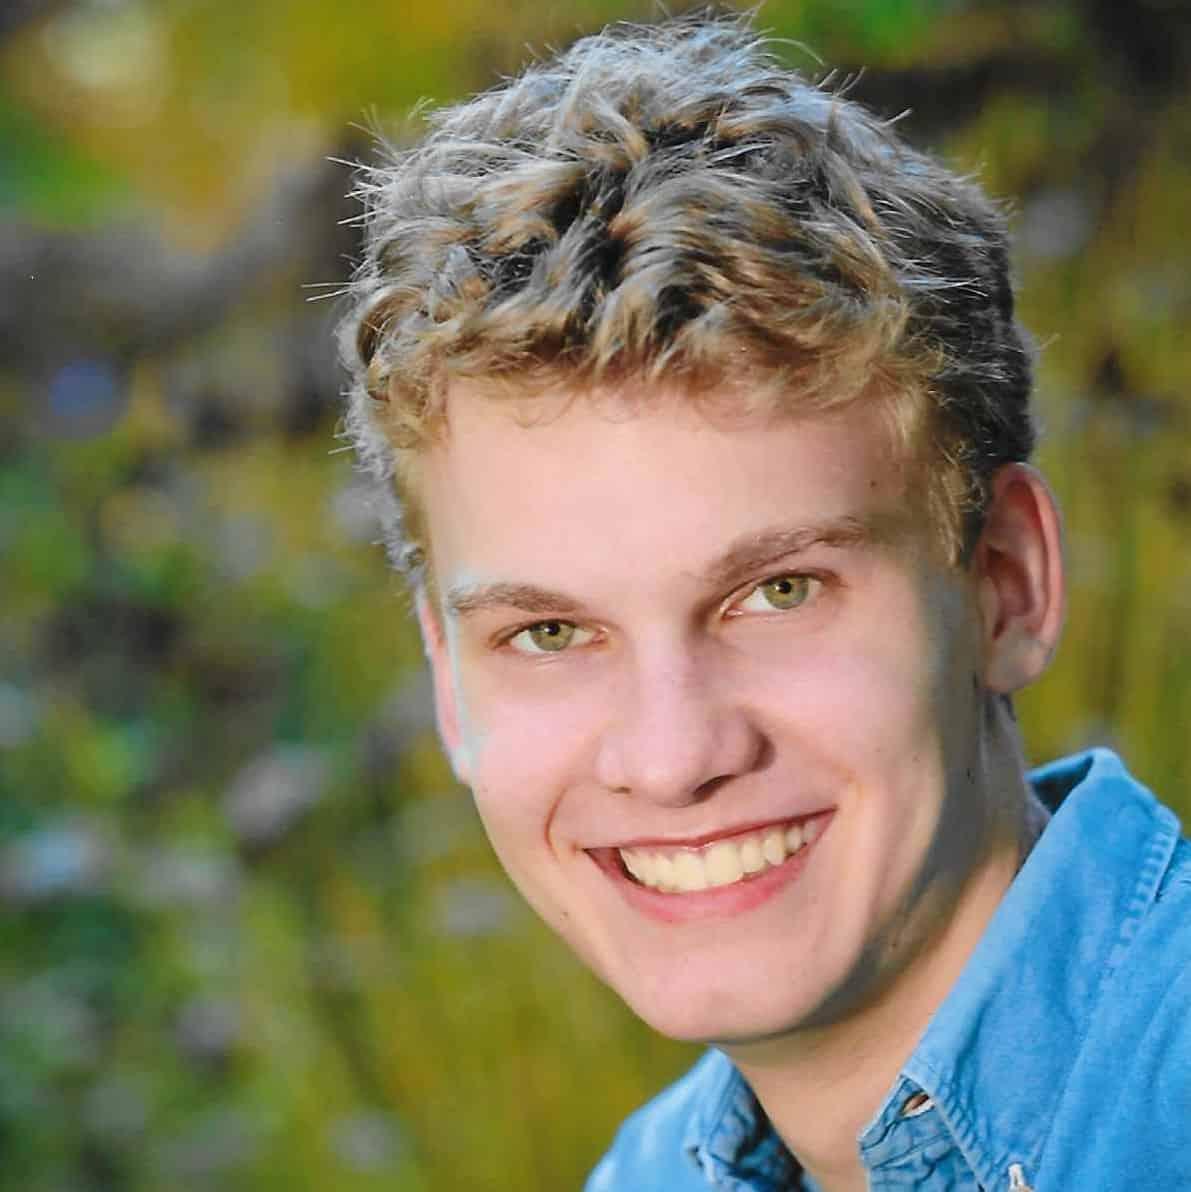 Luke Kiernan